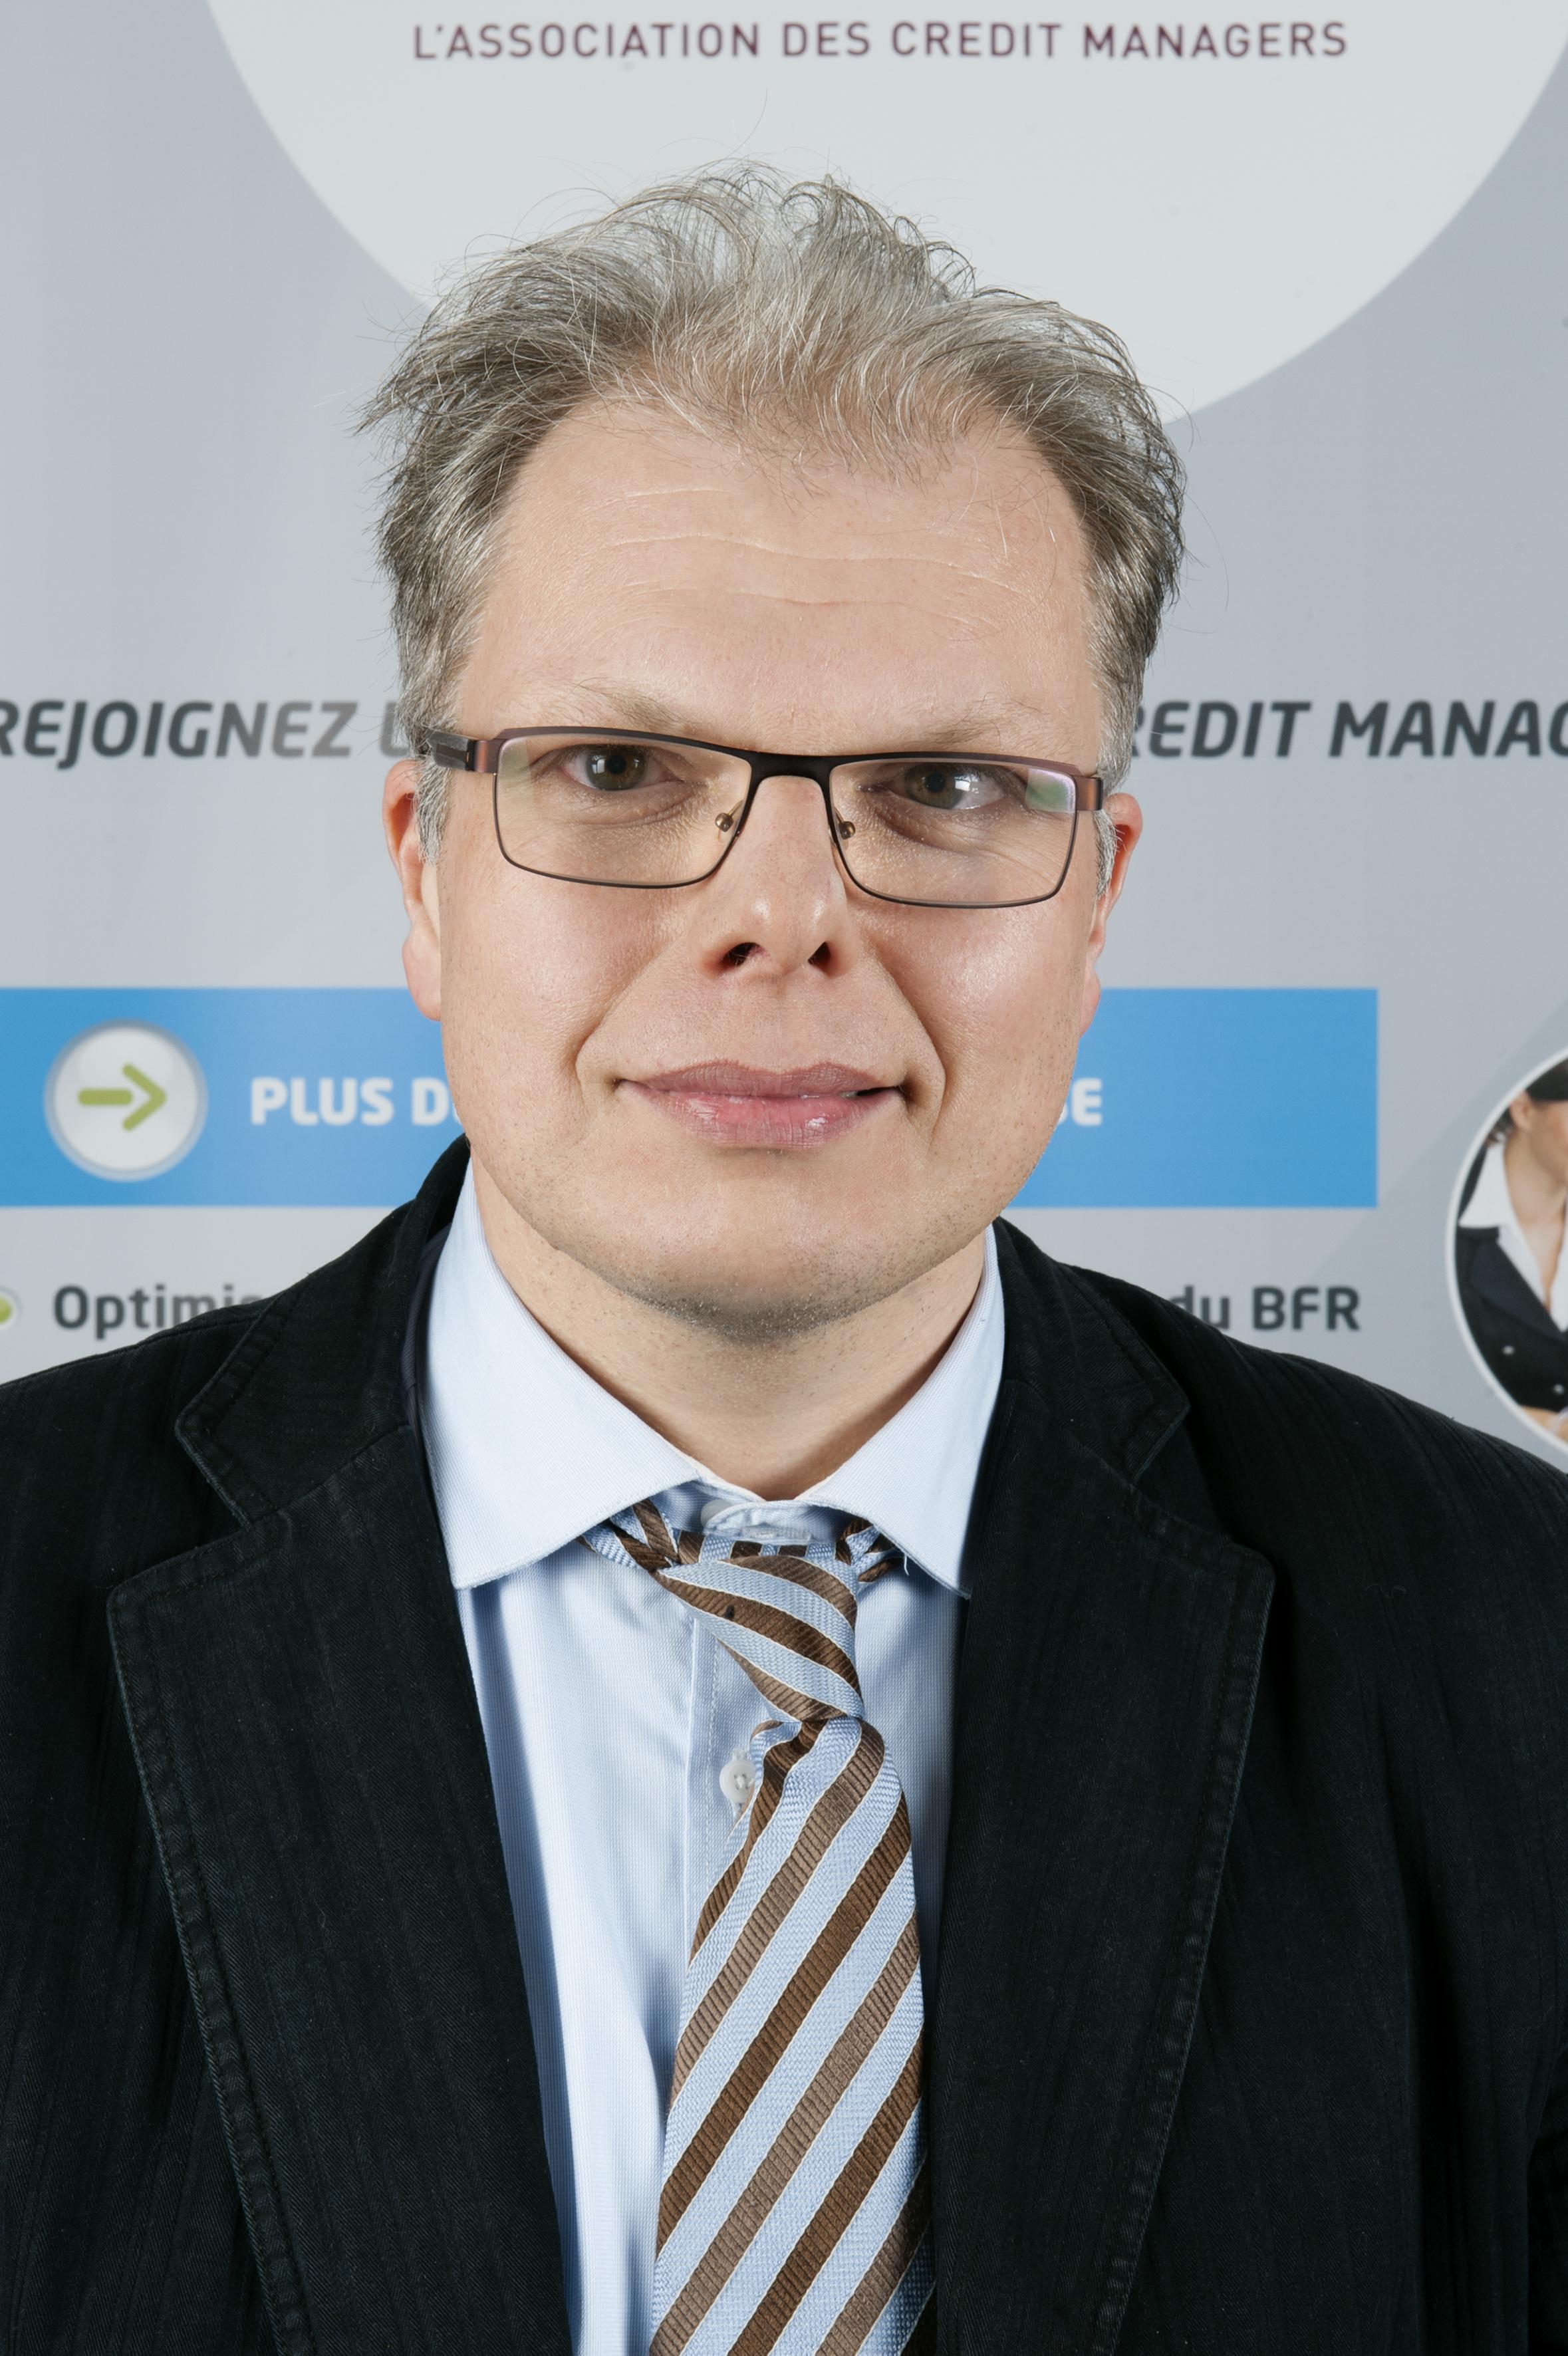 Sébastien CORDIER